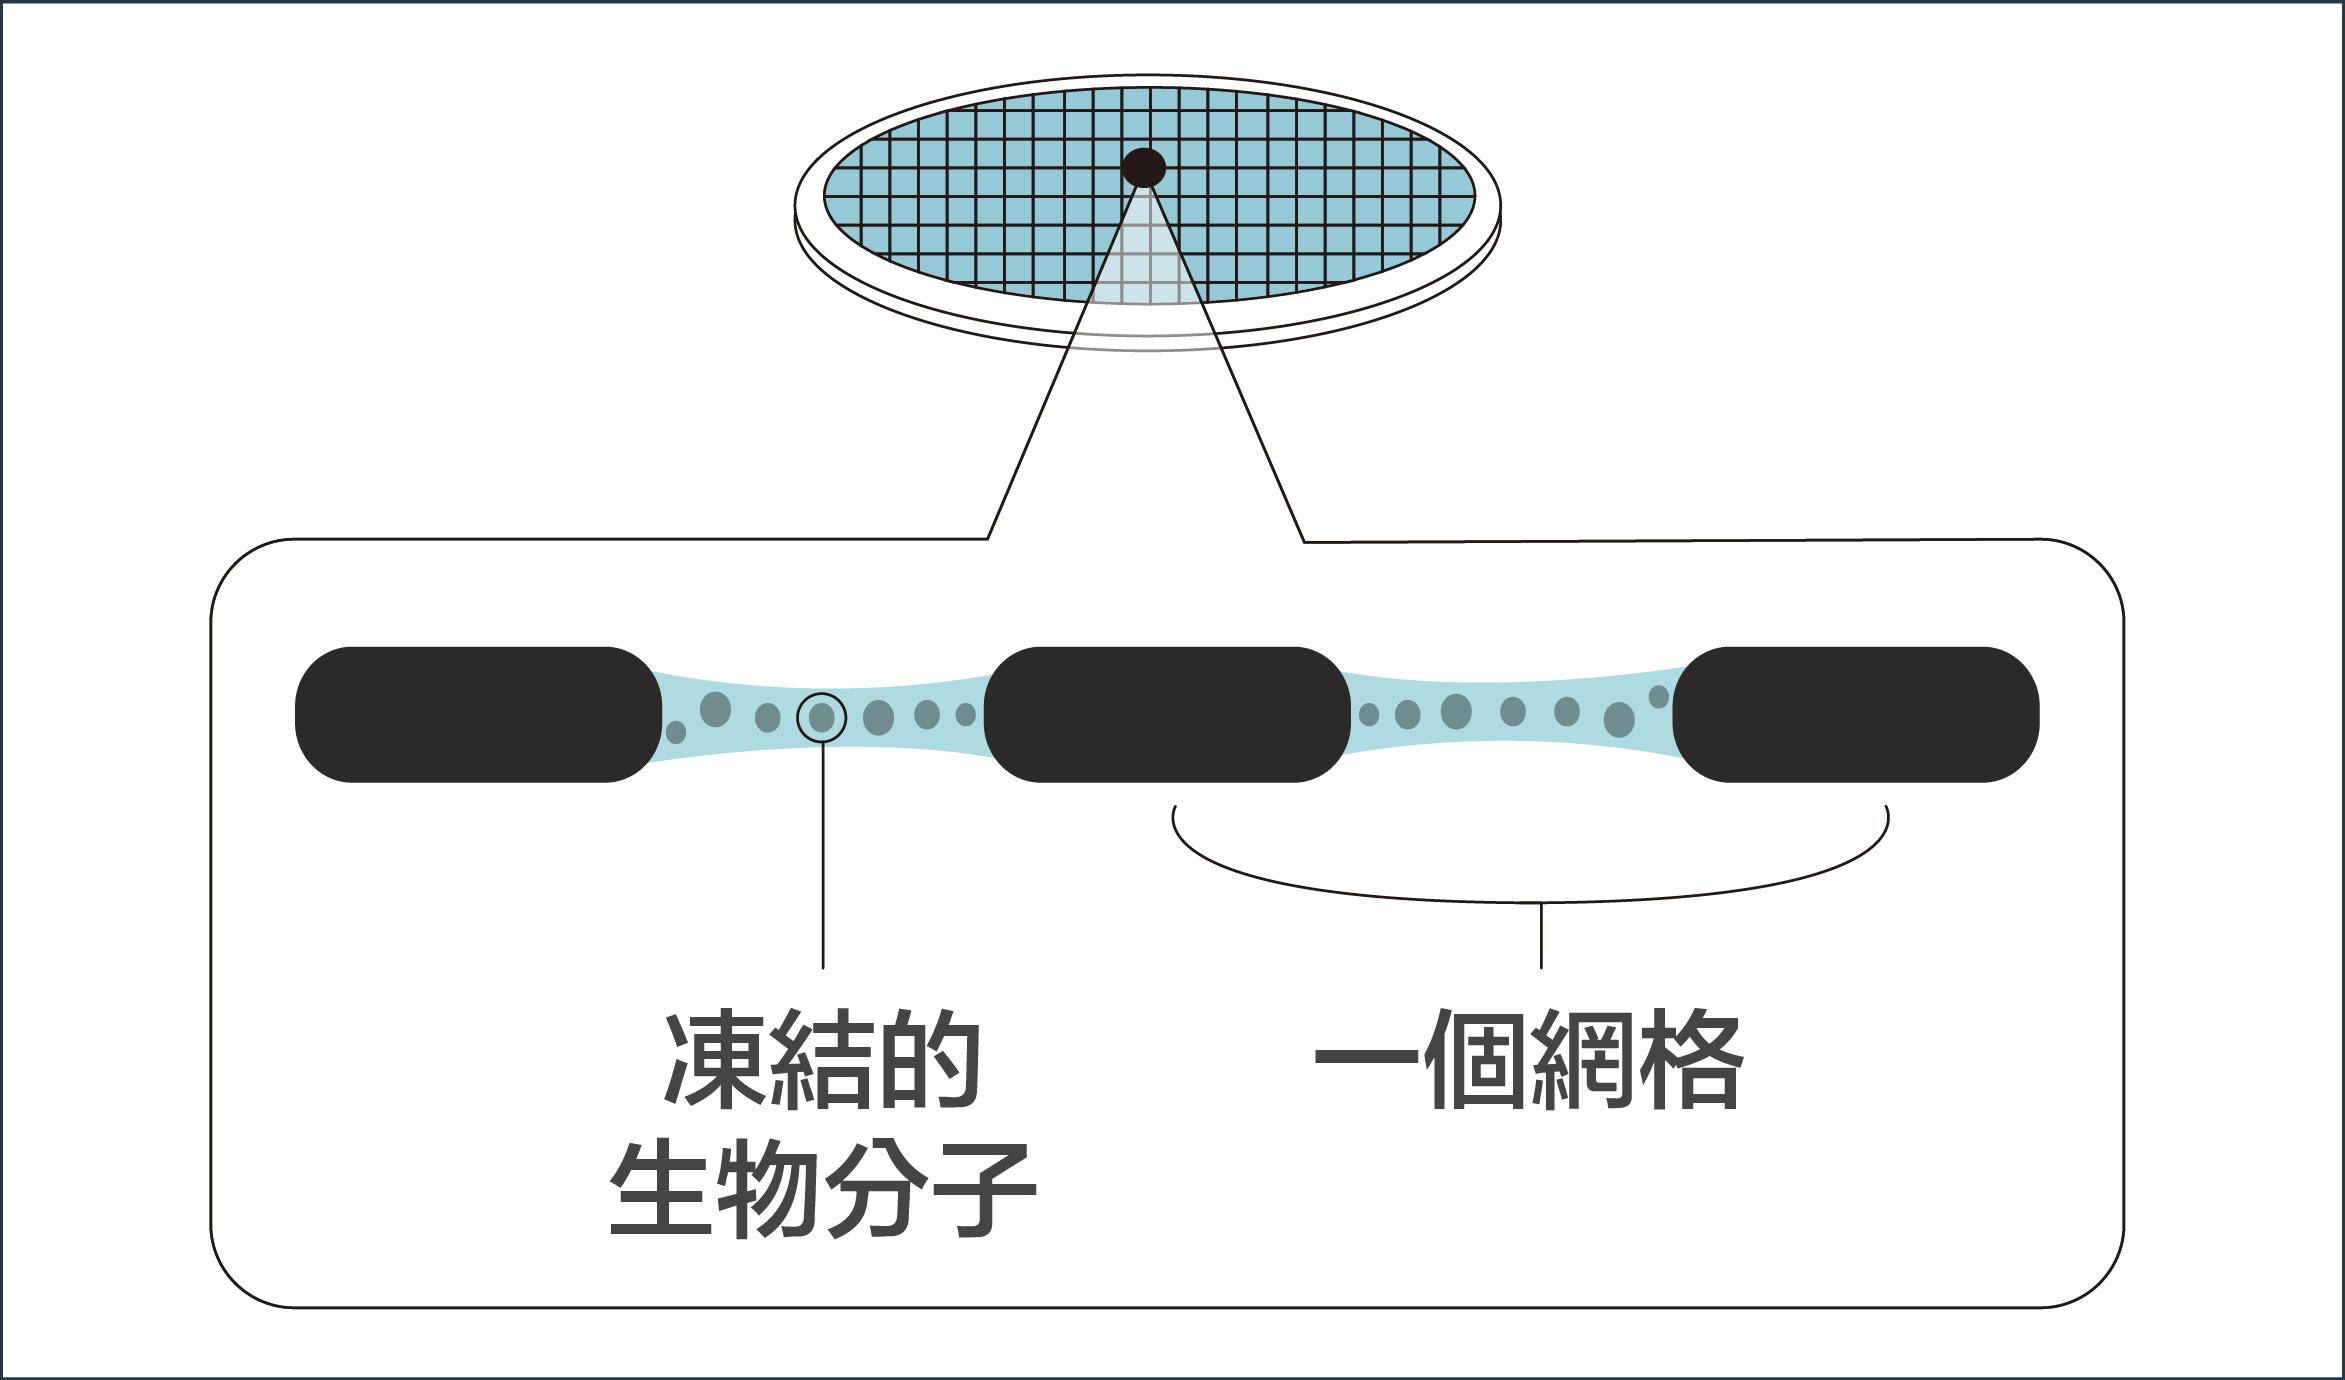 第三步:在攝氏 -190 度的低溫中,研究員進行電子顯微鏡的觀測,可保生物分子結構不受影響。資料來源│諾貝爾獎官網 2017 化學獎冷凍電子顯微鏡簡介  圖說設計│廖英凱、林洵安